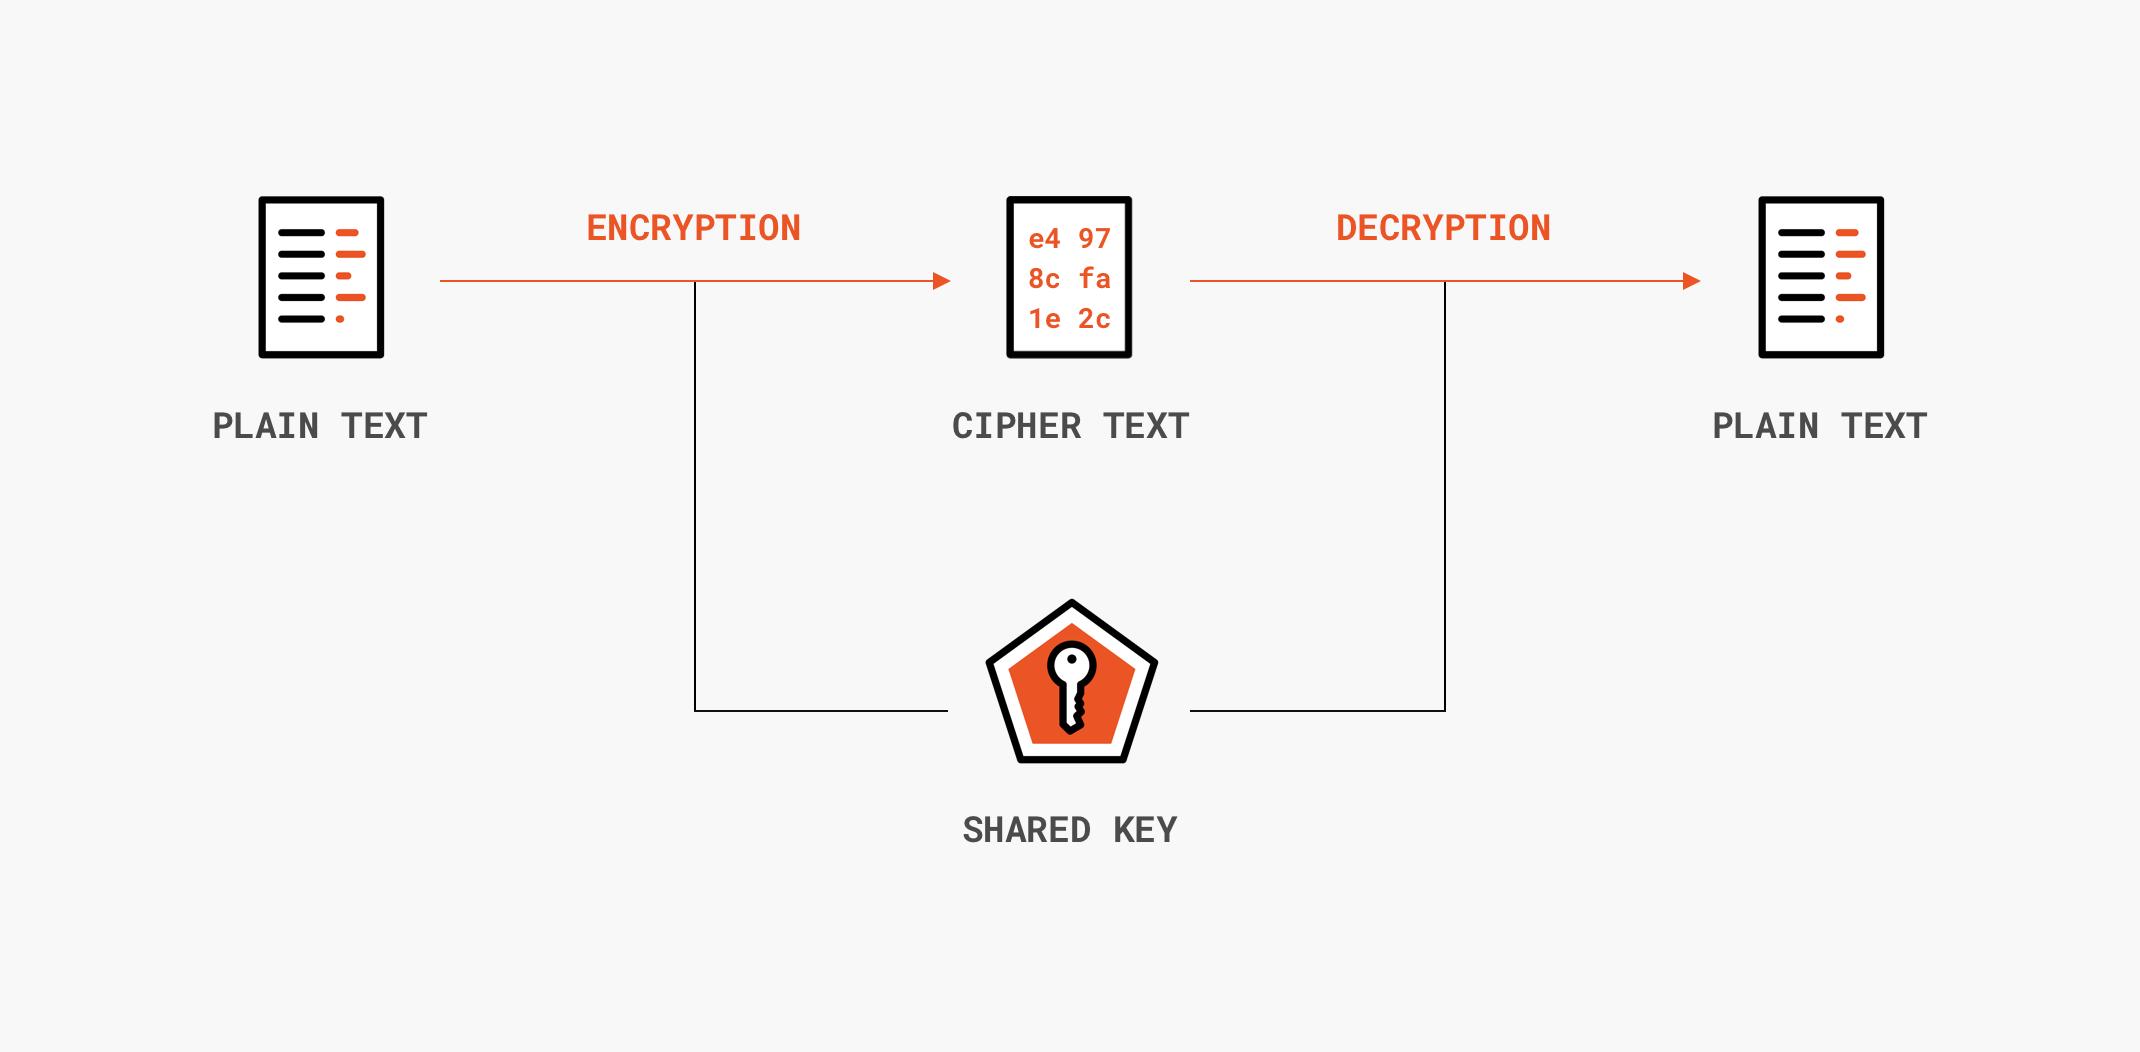 Symmetric encryption flow diagram